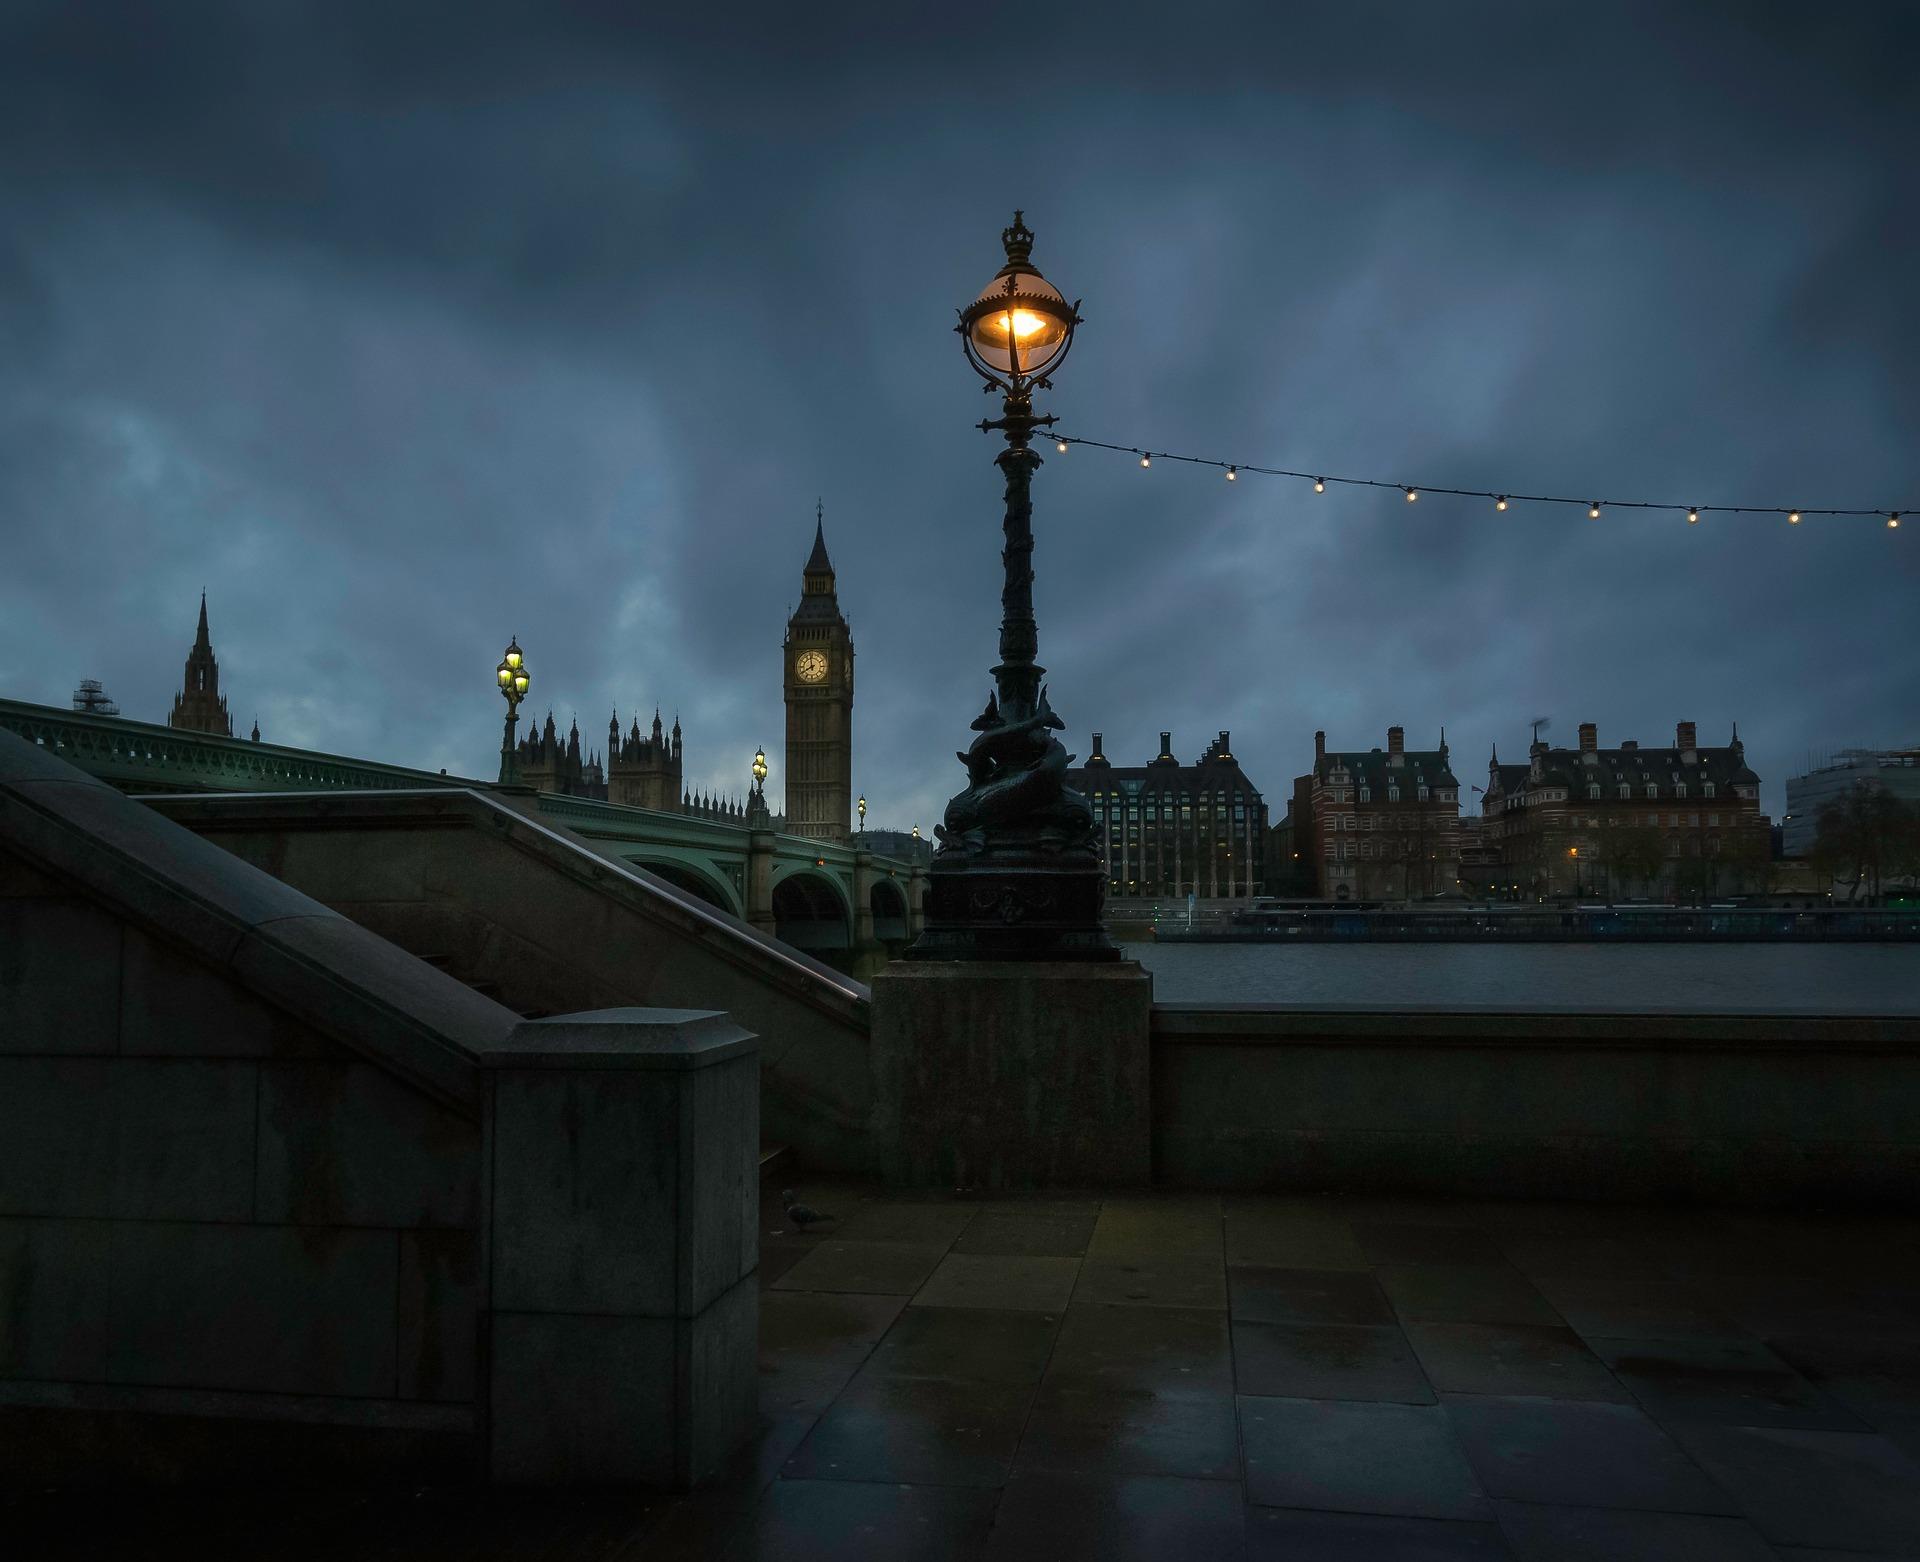 london-1149144_1920